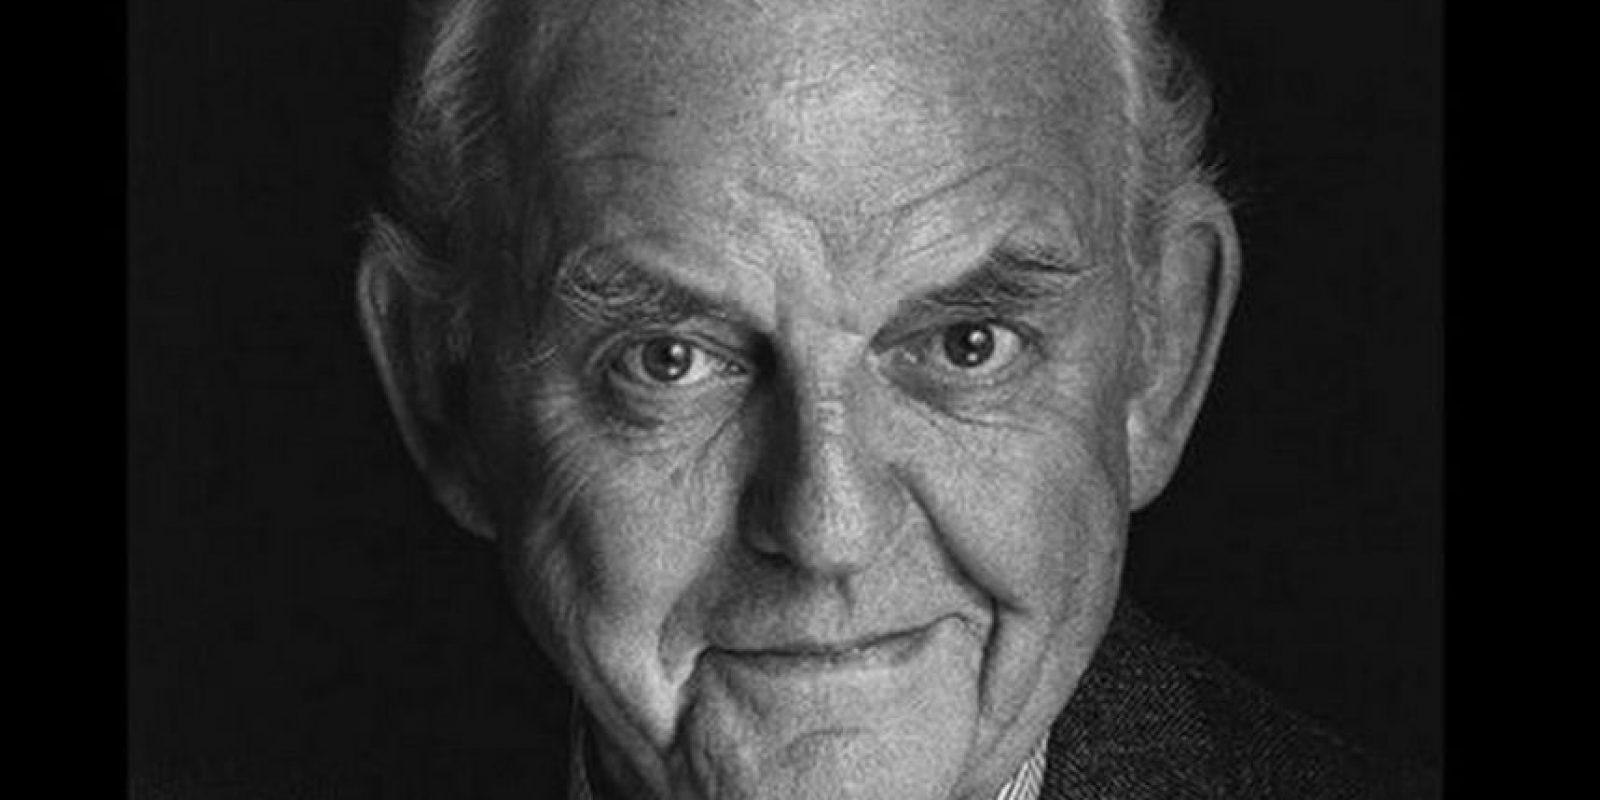 Murió el 24 de junio de 2000 y ya tenía una larga trayectoria cinematográfica cuando asumió este papel Foto:Tumbrl